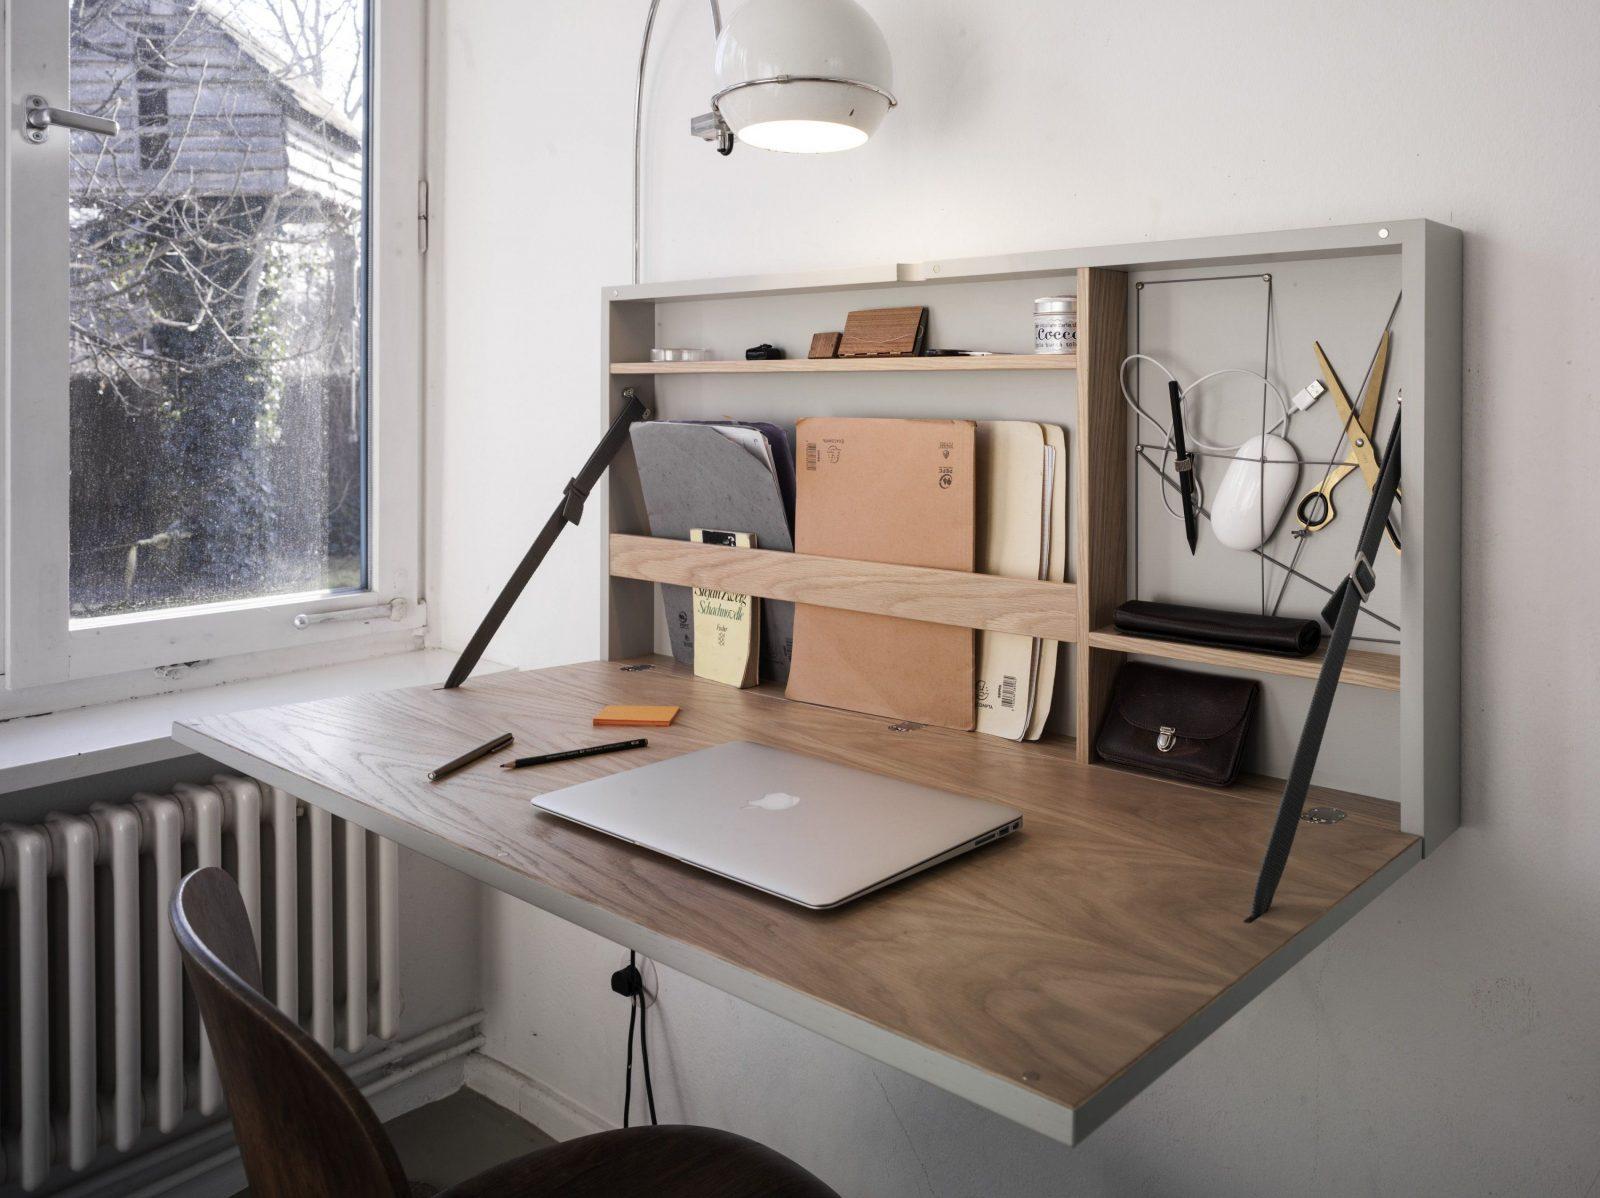 Platzsparende Betten Für Kleine Räume  Tolles Dekoration Küche von Betten Für Kleine Räume Photo